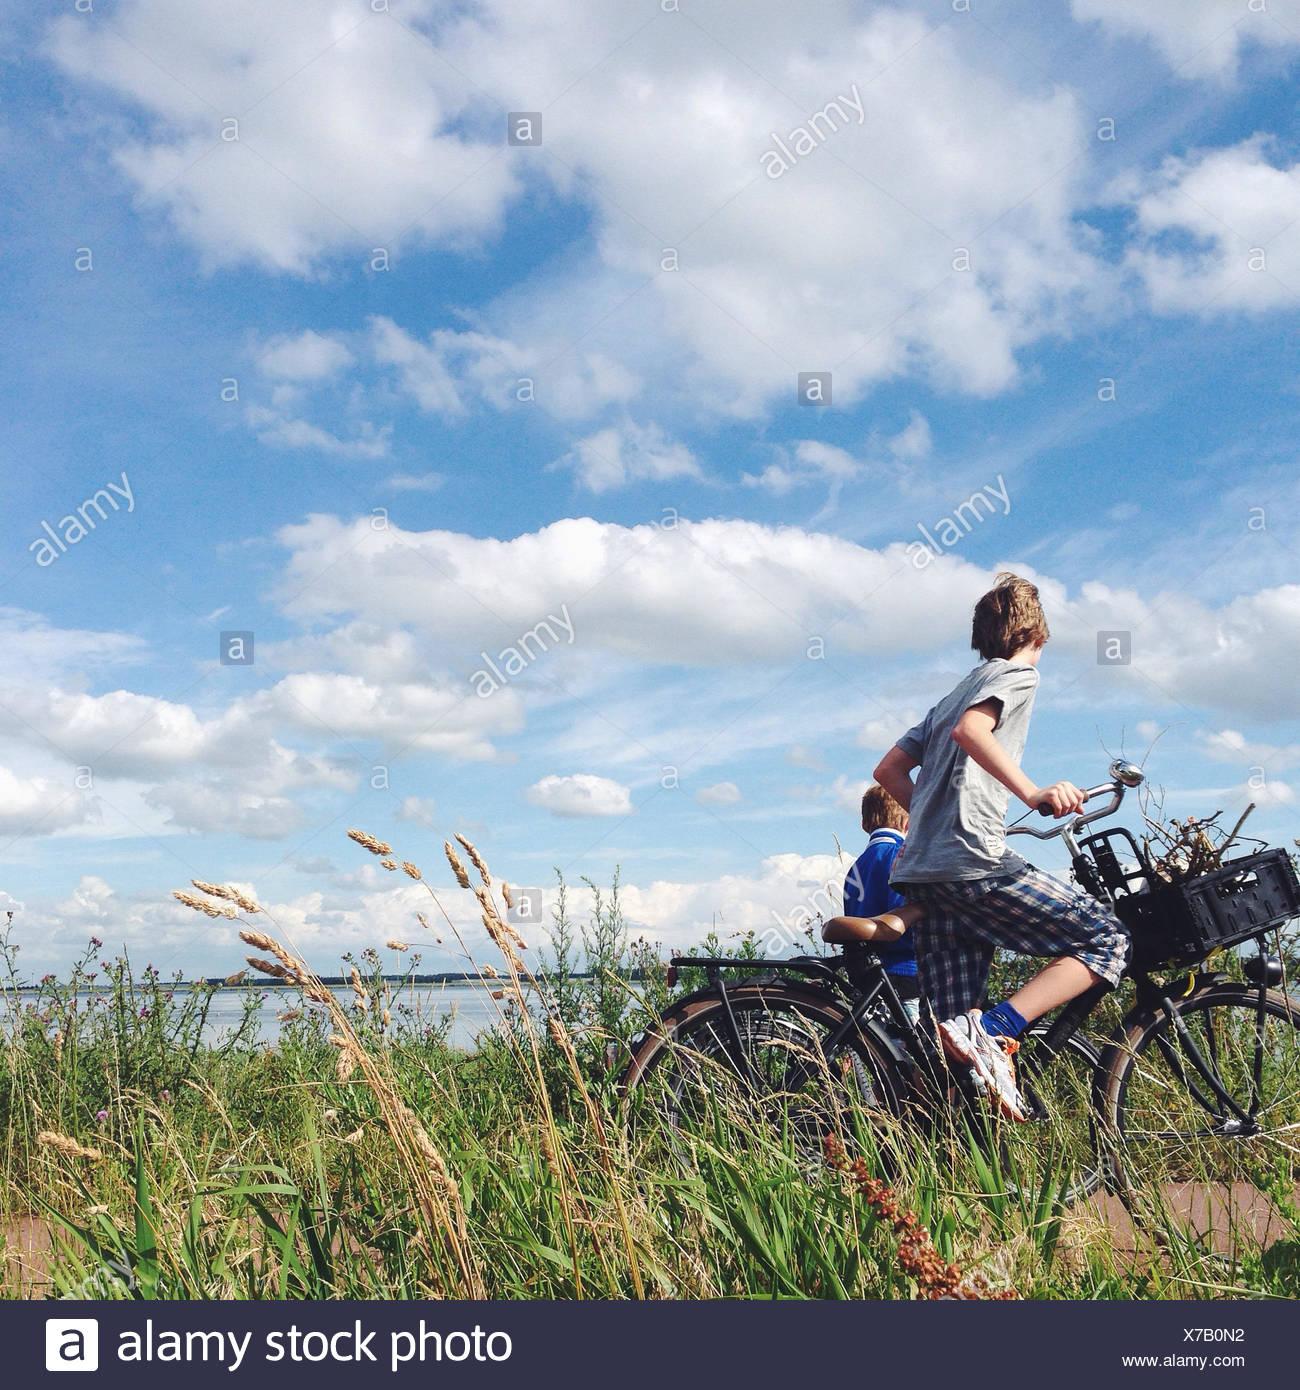 Niederlande, zwei jungen (10-11), Radfahren in der Nähe von Meer Stockbild